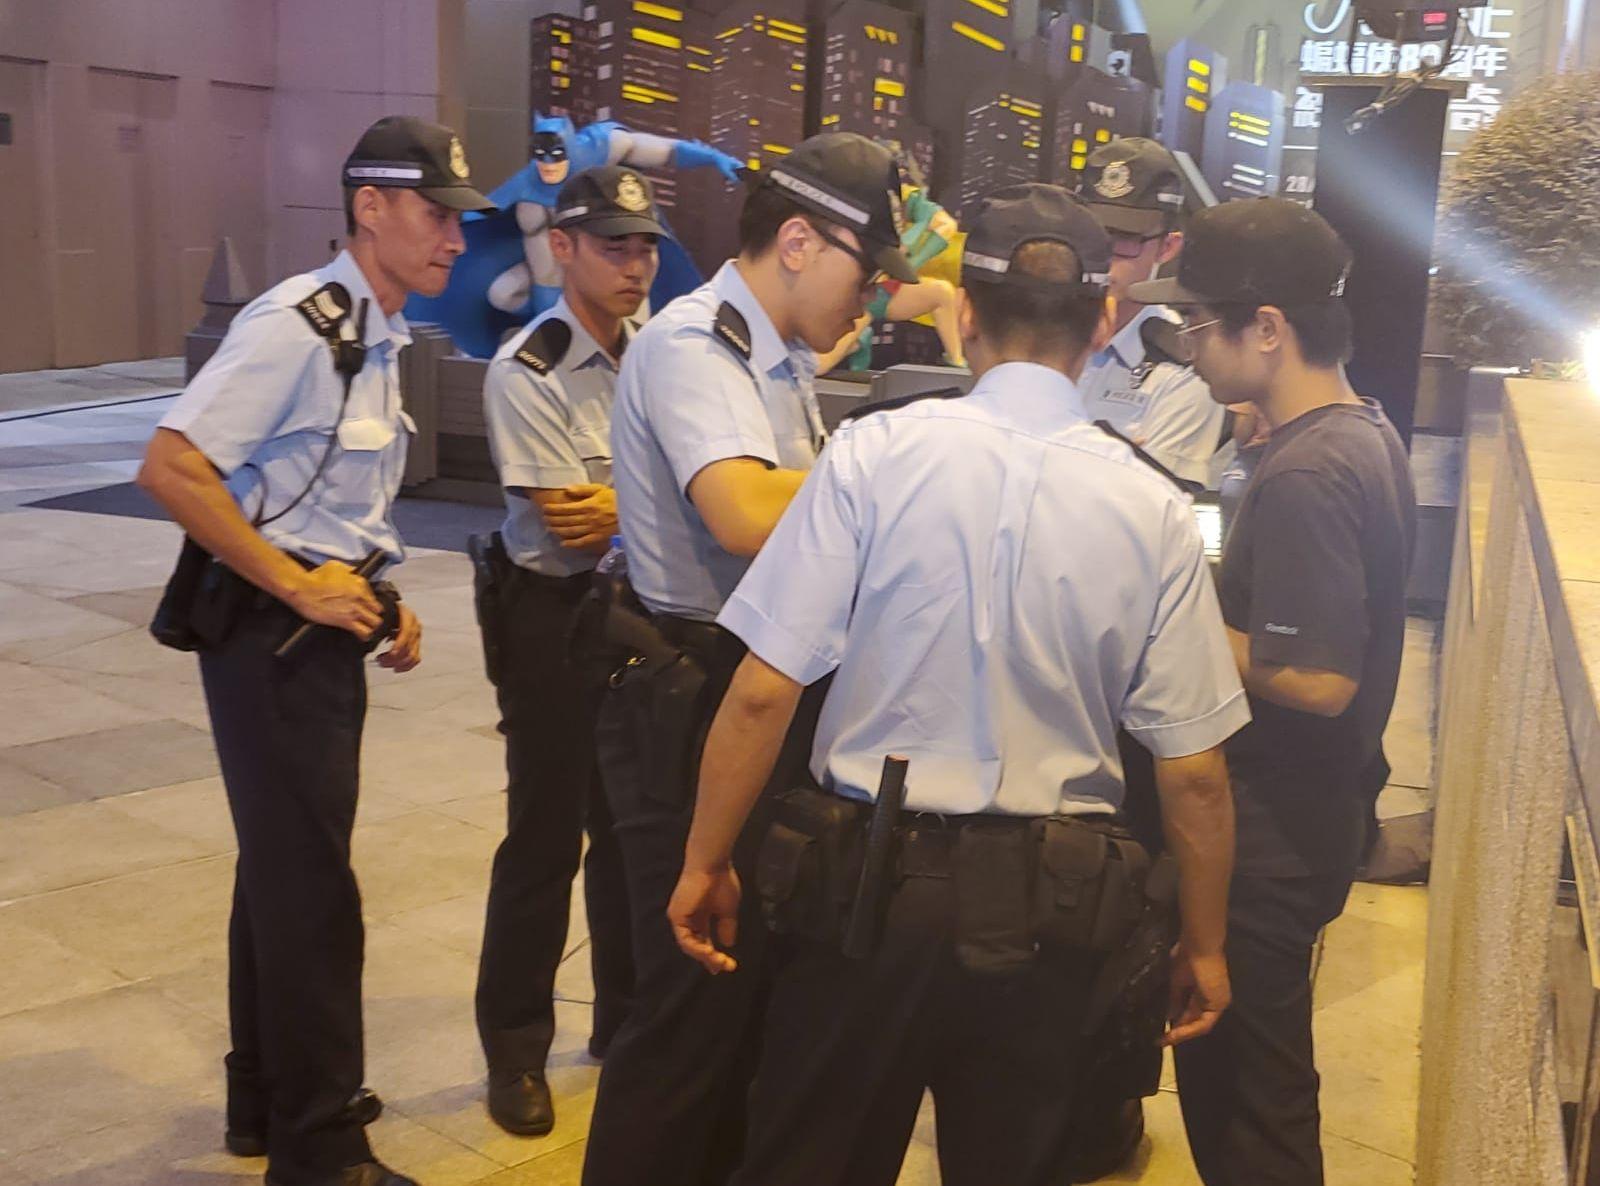 警員晚上在加連威老道截查可疑人士。